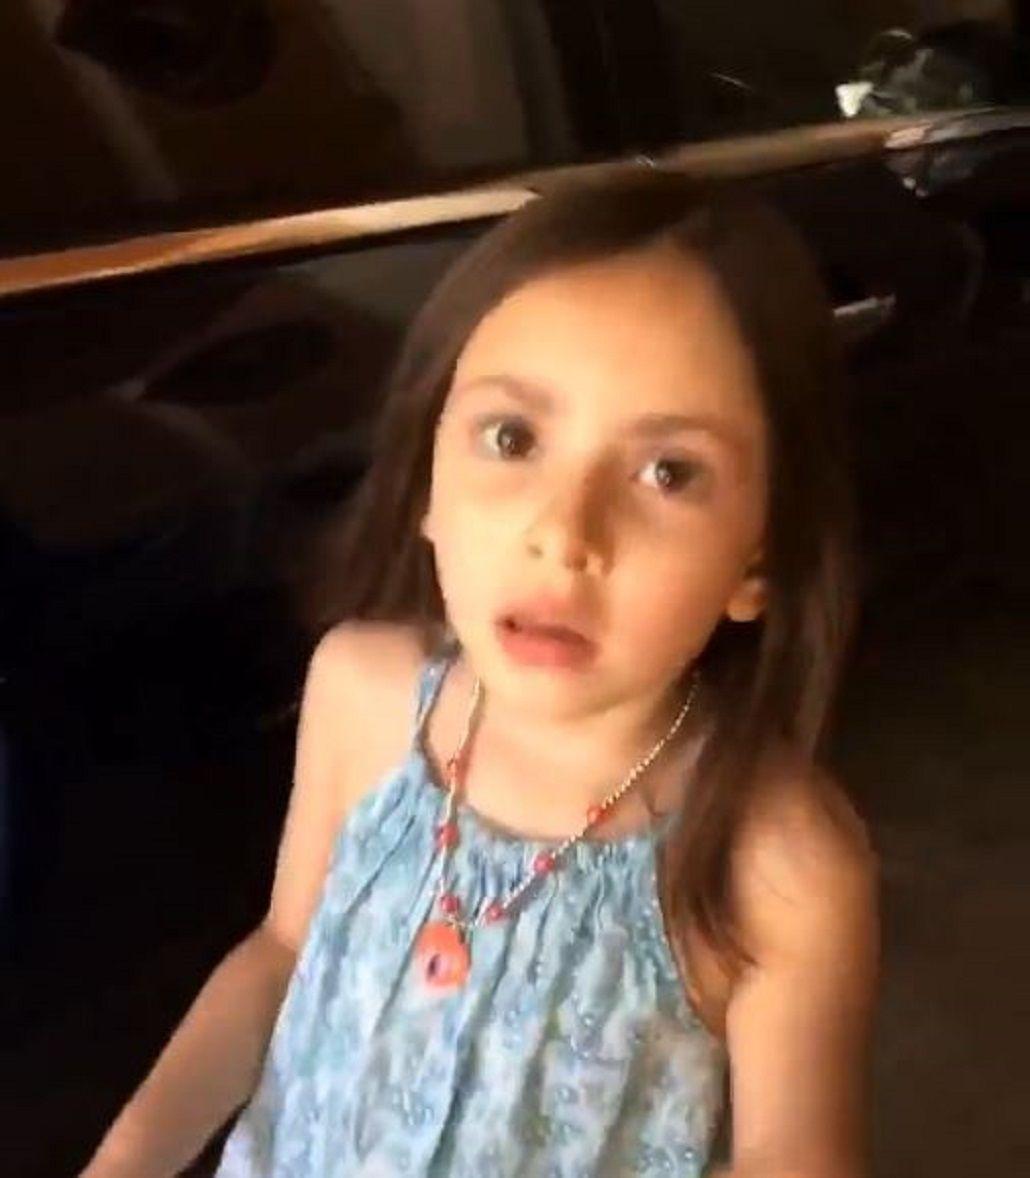 Una nena se volvió viral por la respuesta que le dio a su padre